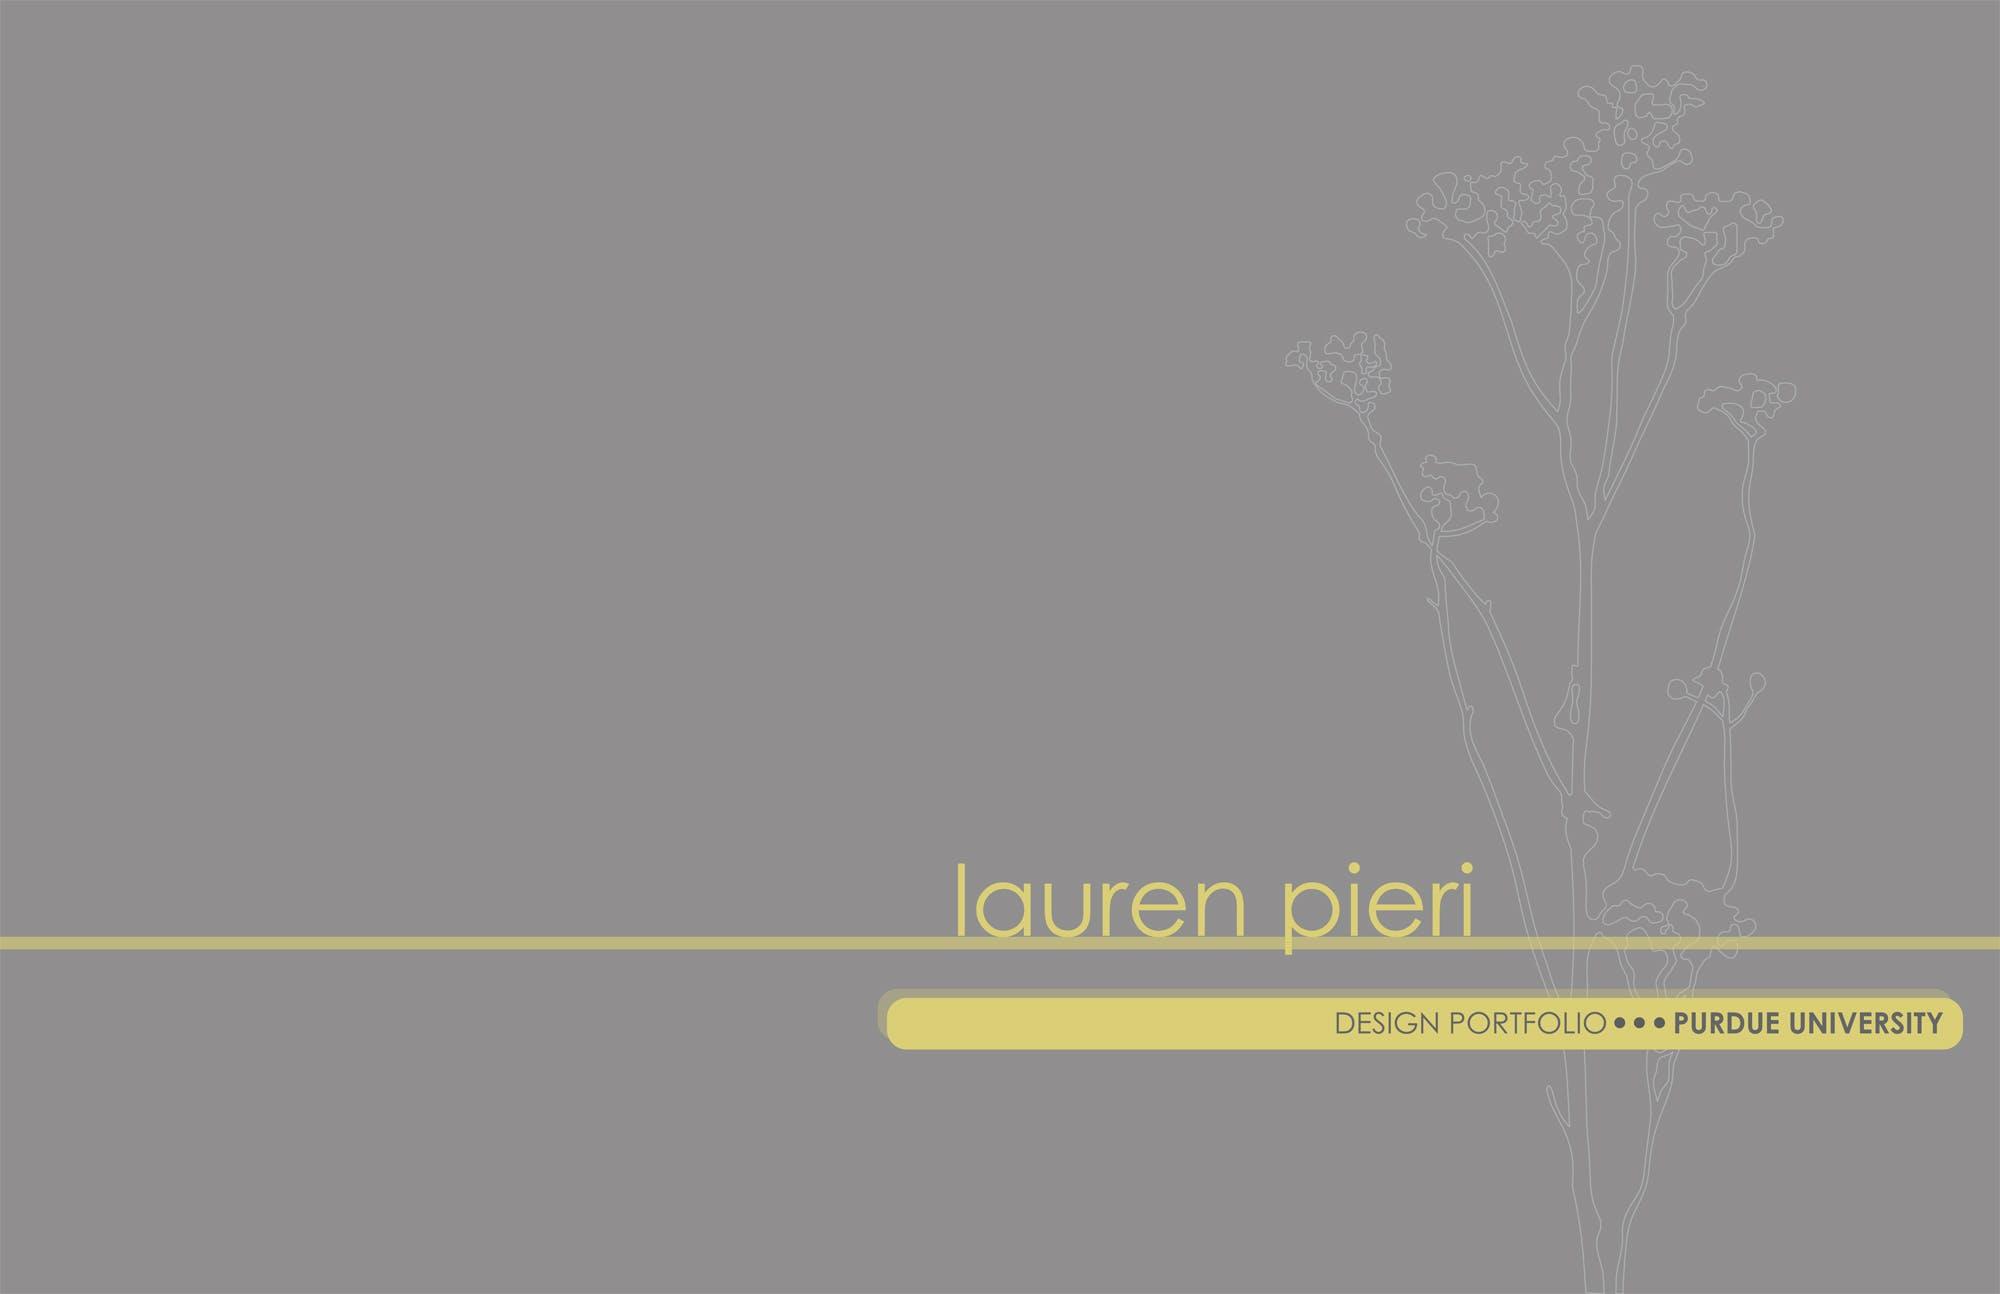 purdue interior design portfolio lauren pieri archinect. Black Bedroom Furniture Sets. Home Design Ideas